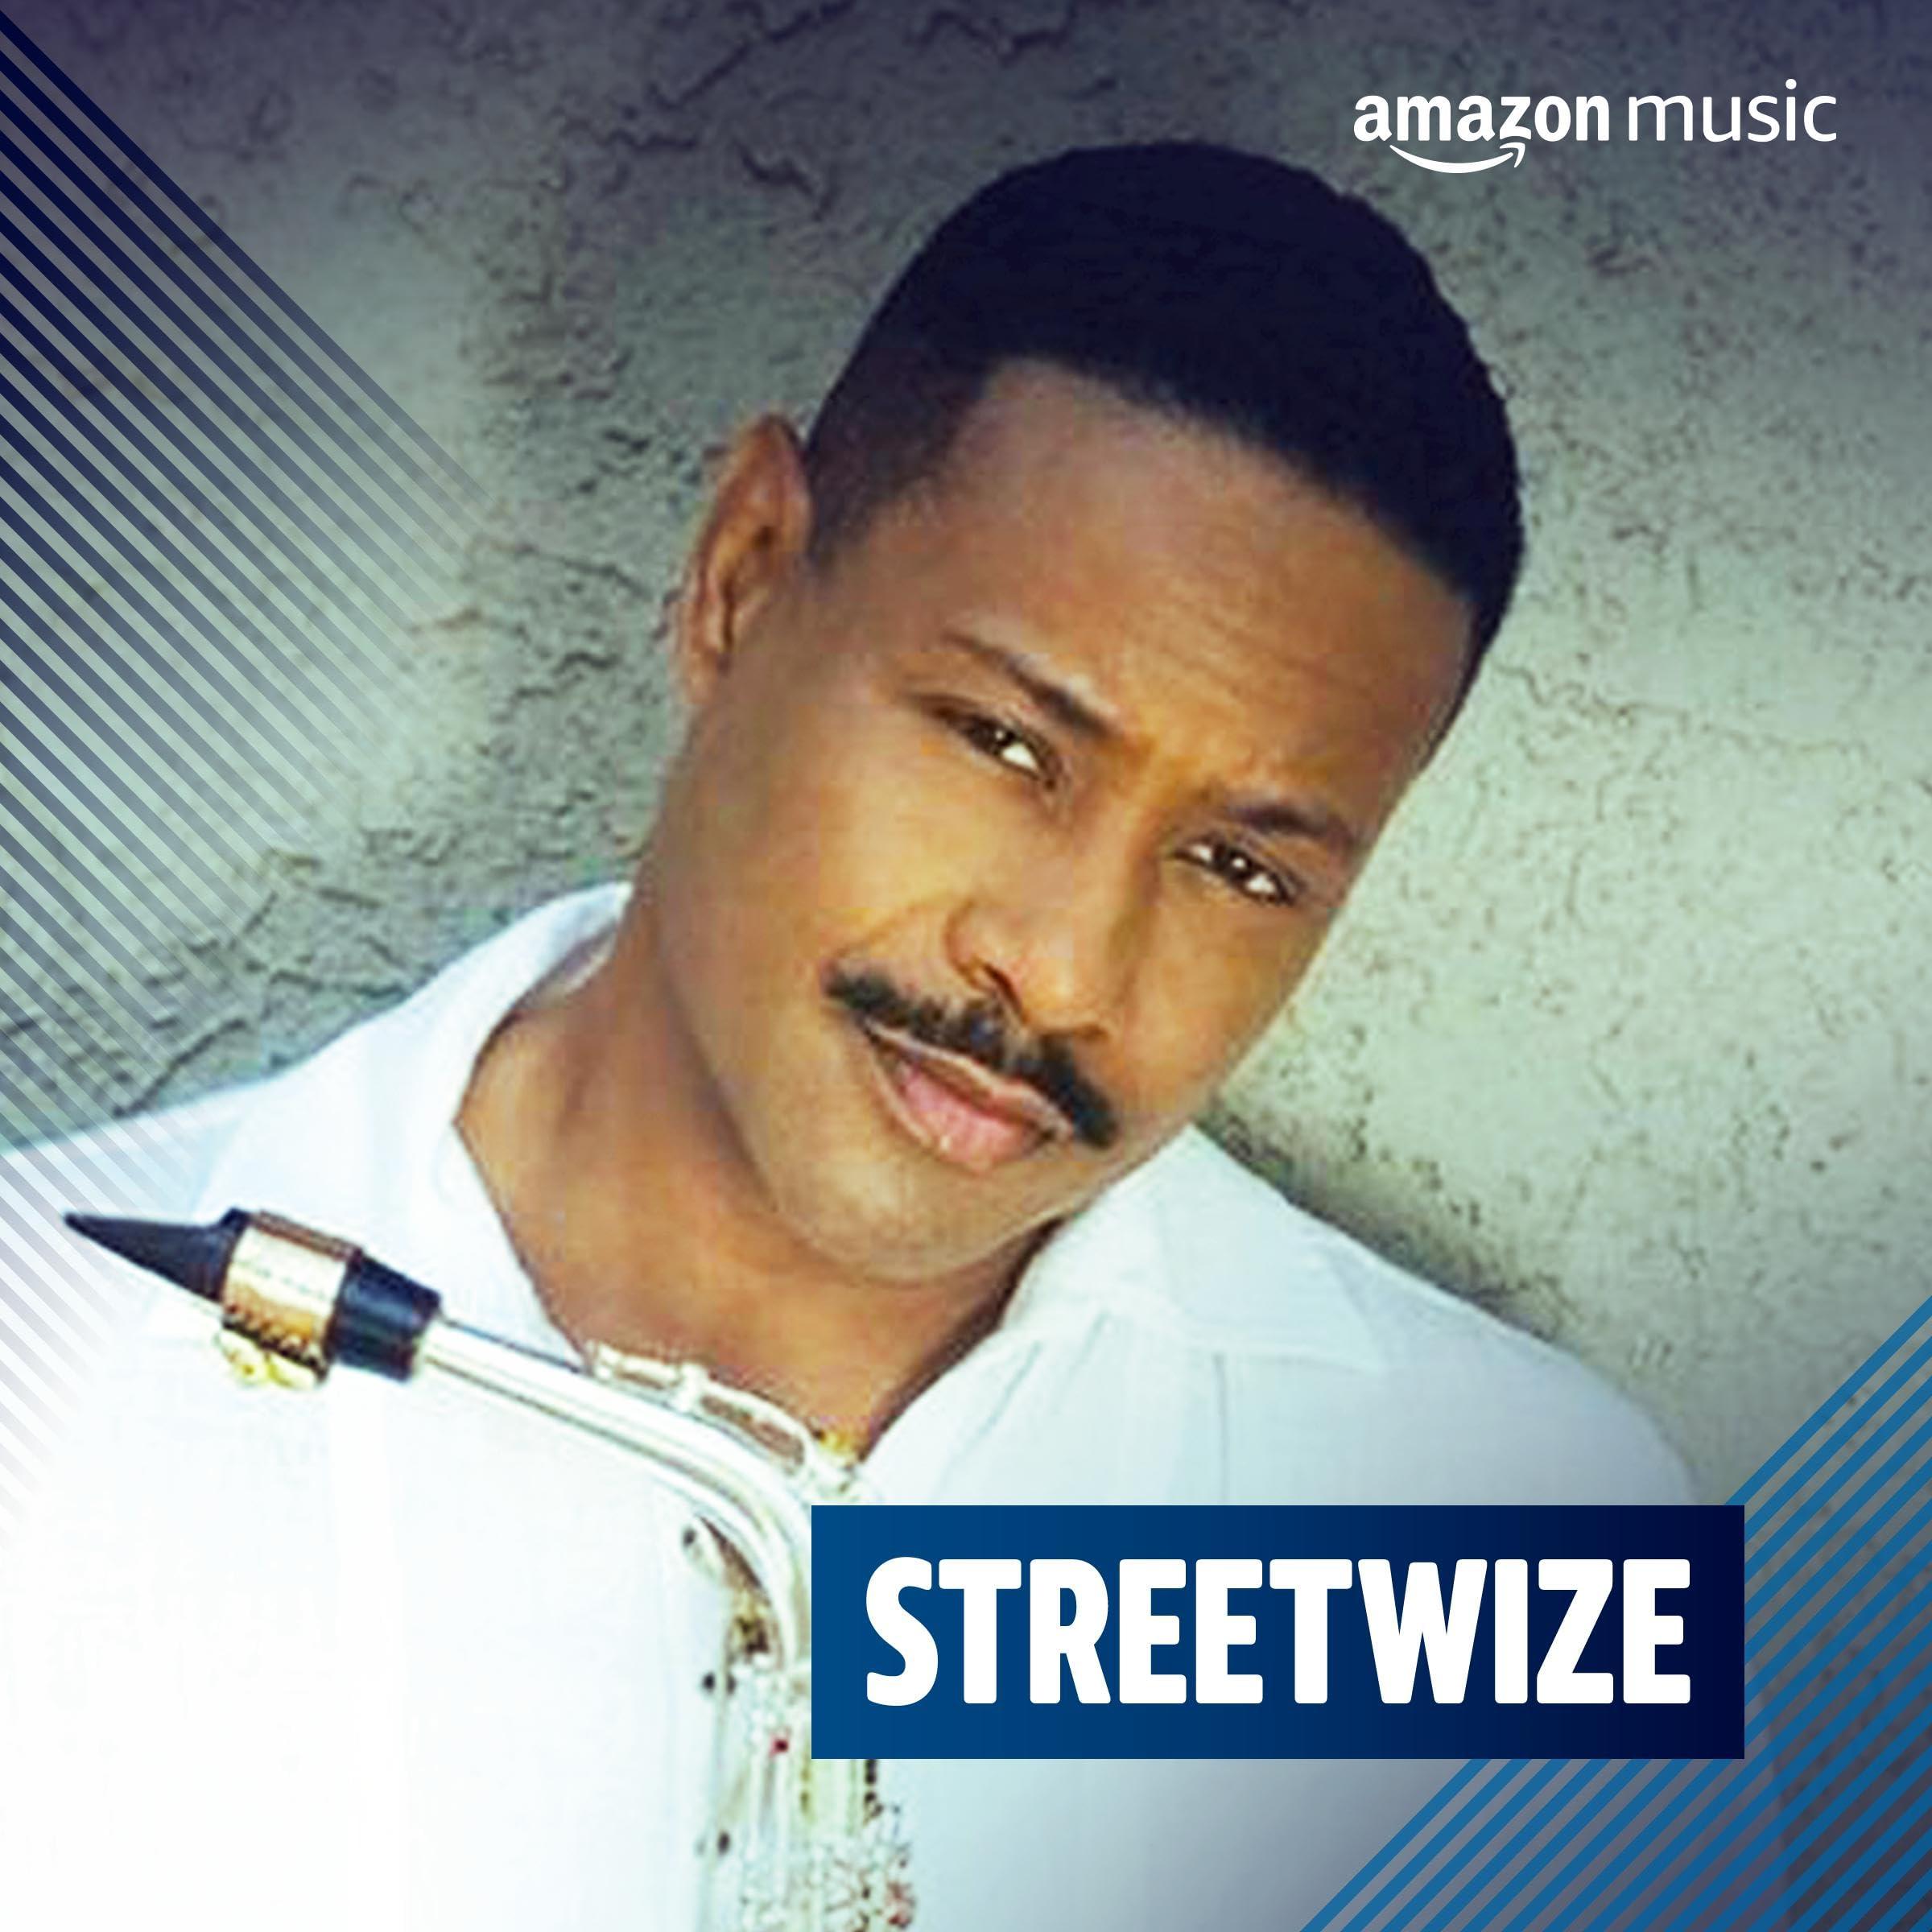 Streetwize